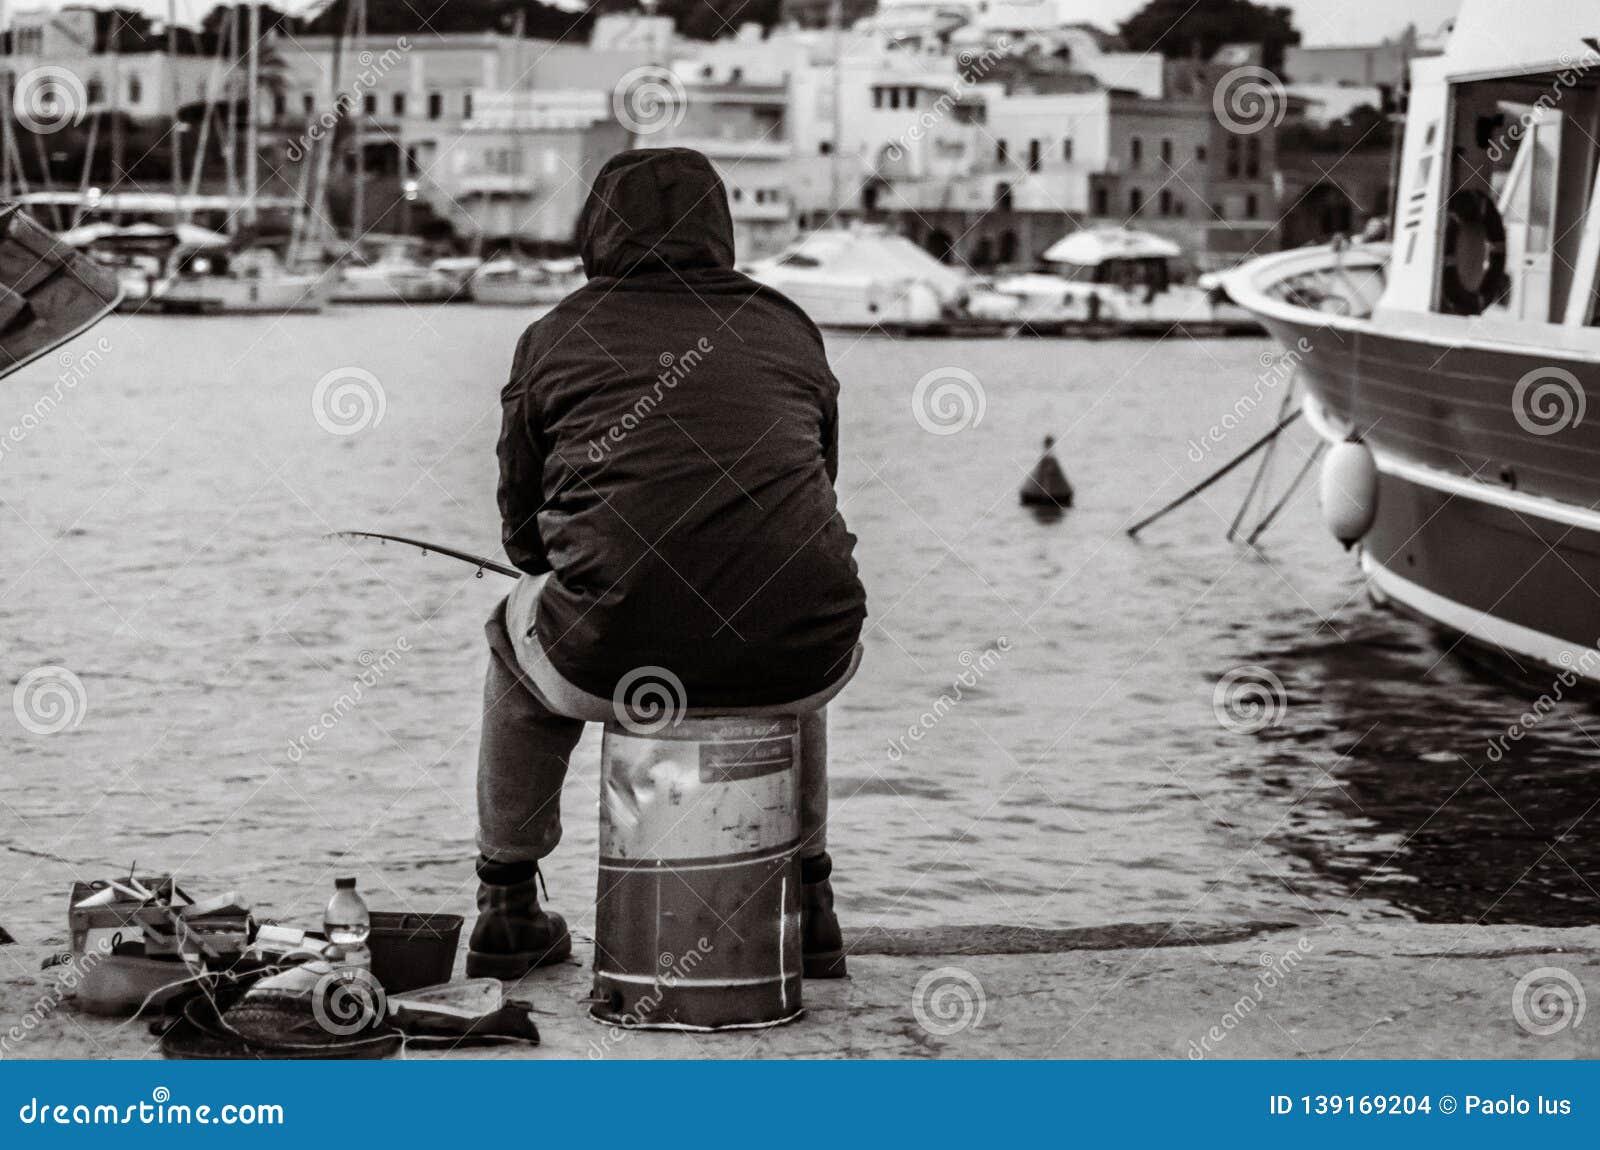 Old unemployed man fishing